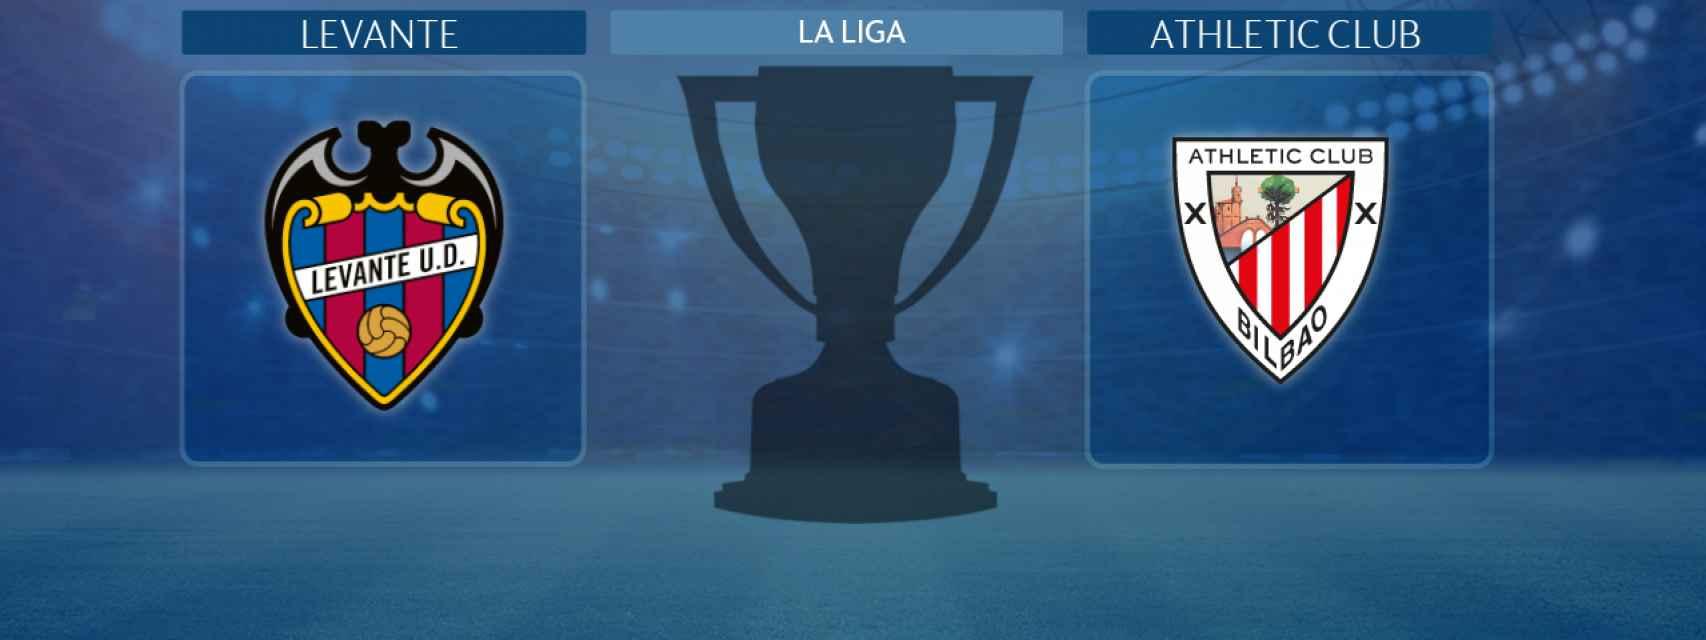 Levante - Athletic Club, partido de La Liga